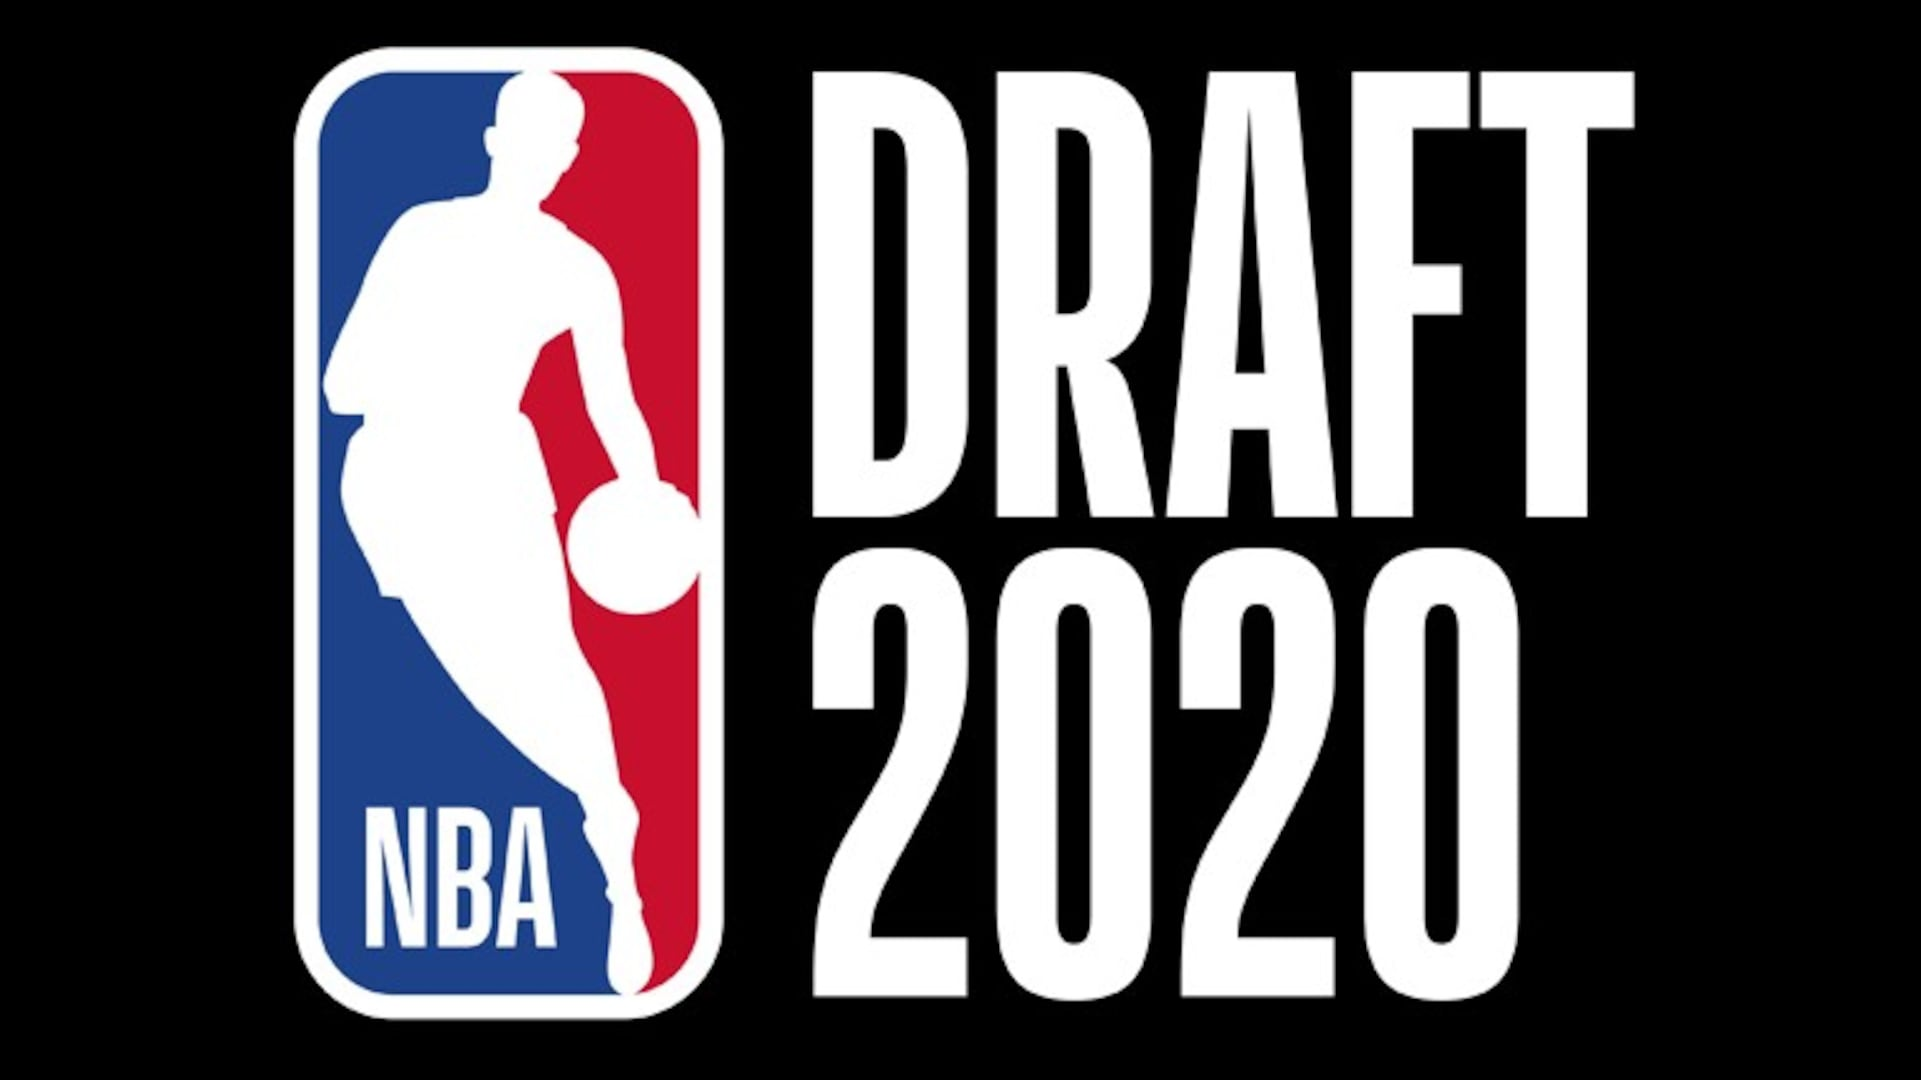 Listen to the NBA Draft on ESPN Louisville (93.9 The Ville)